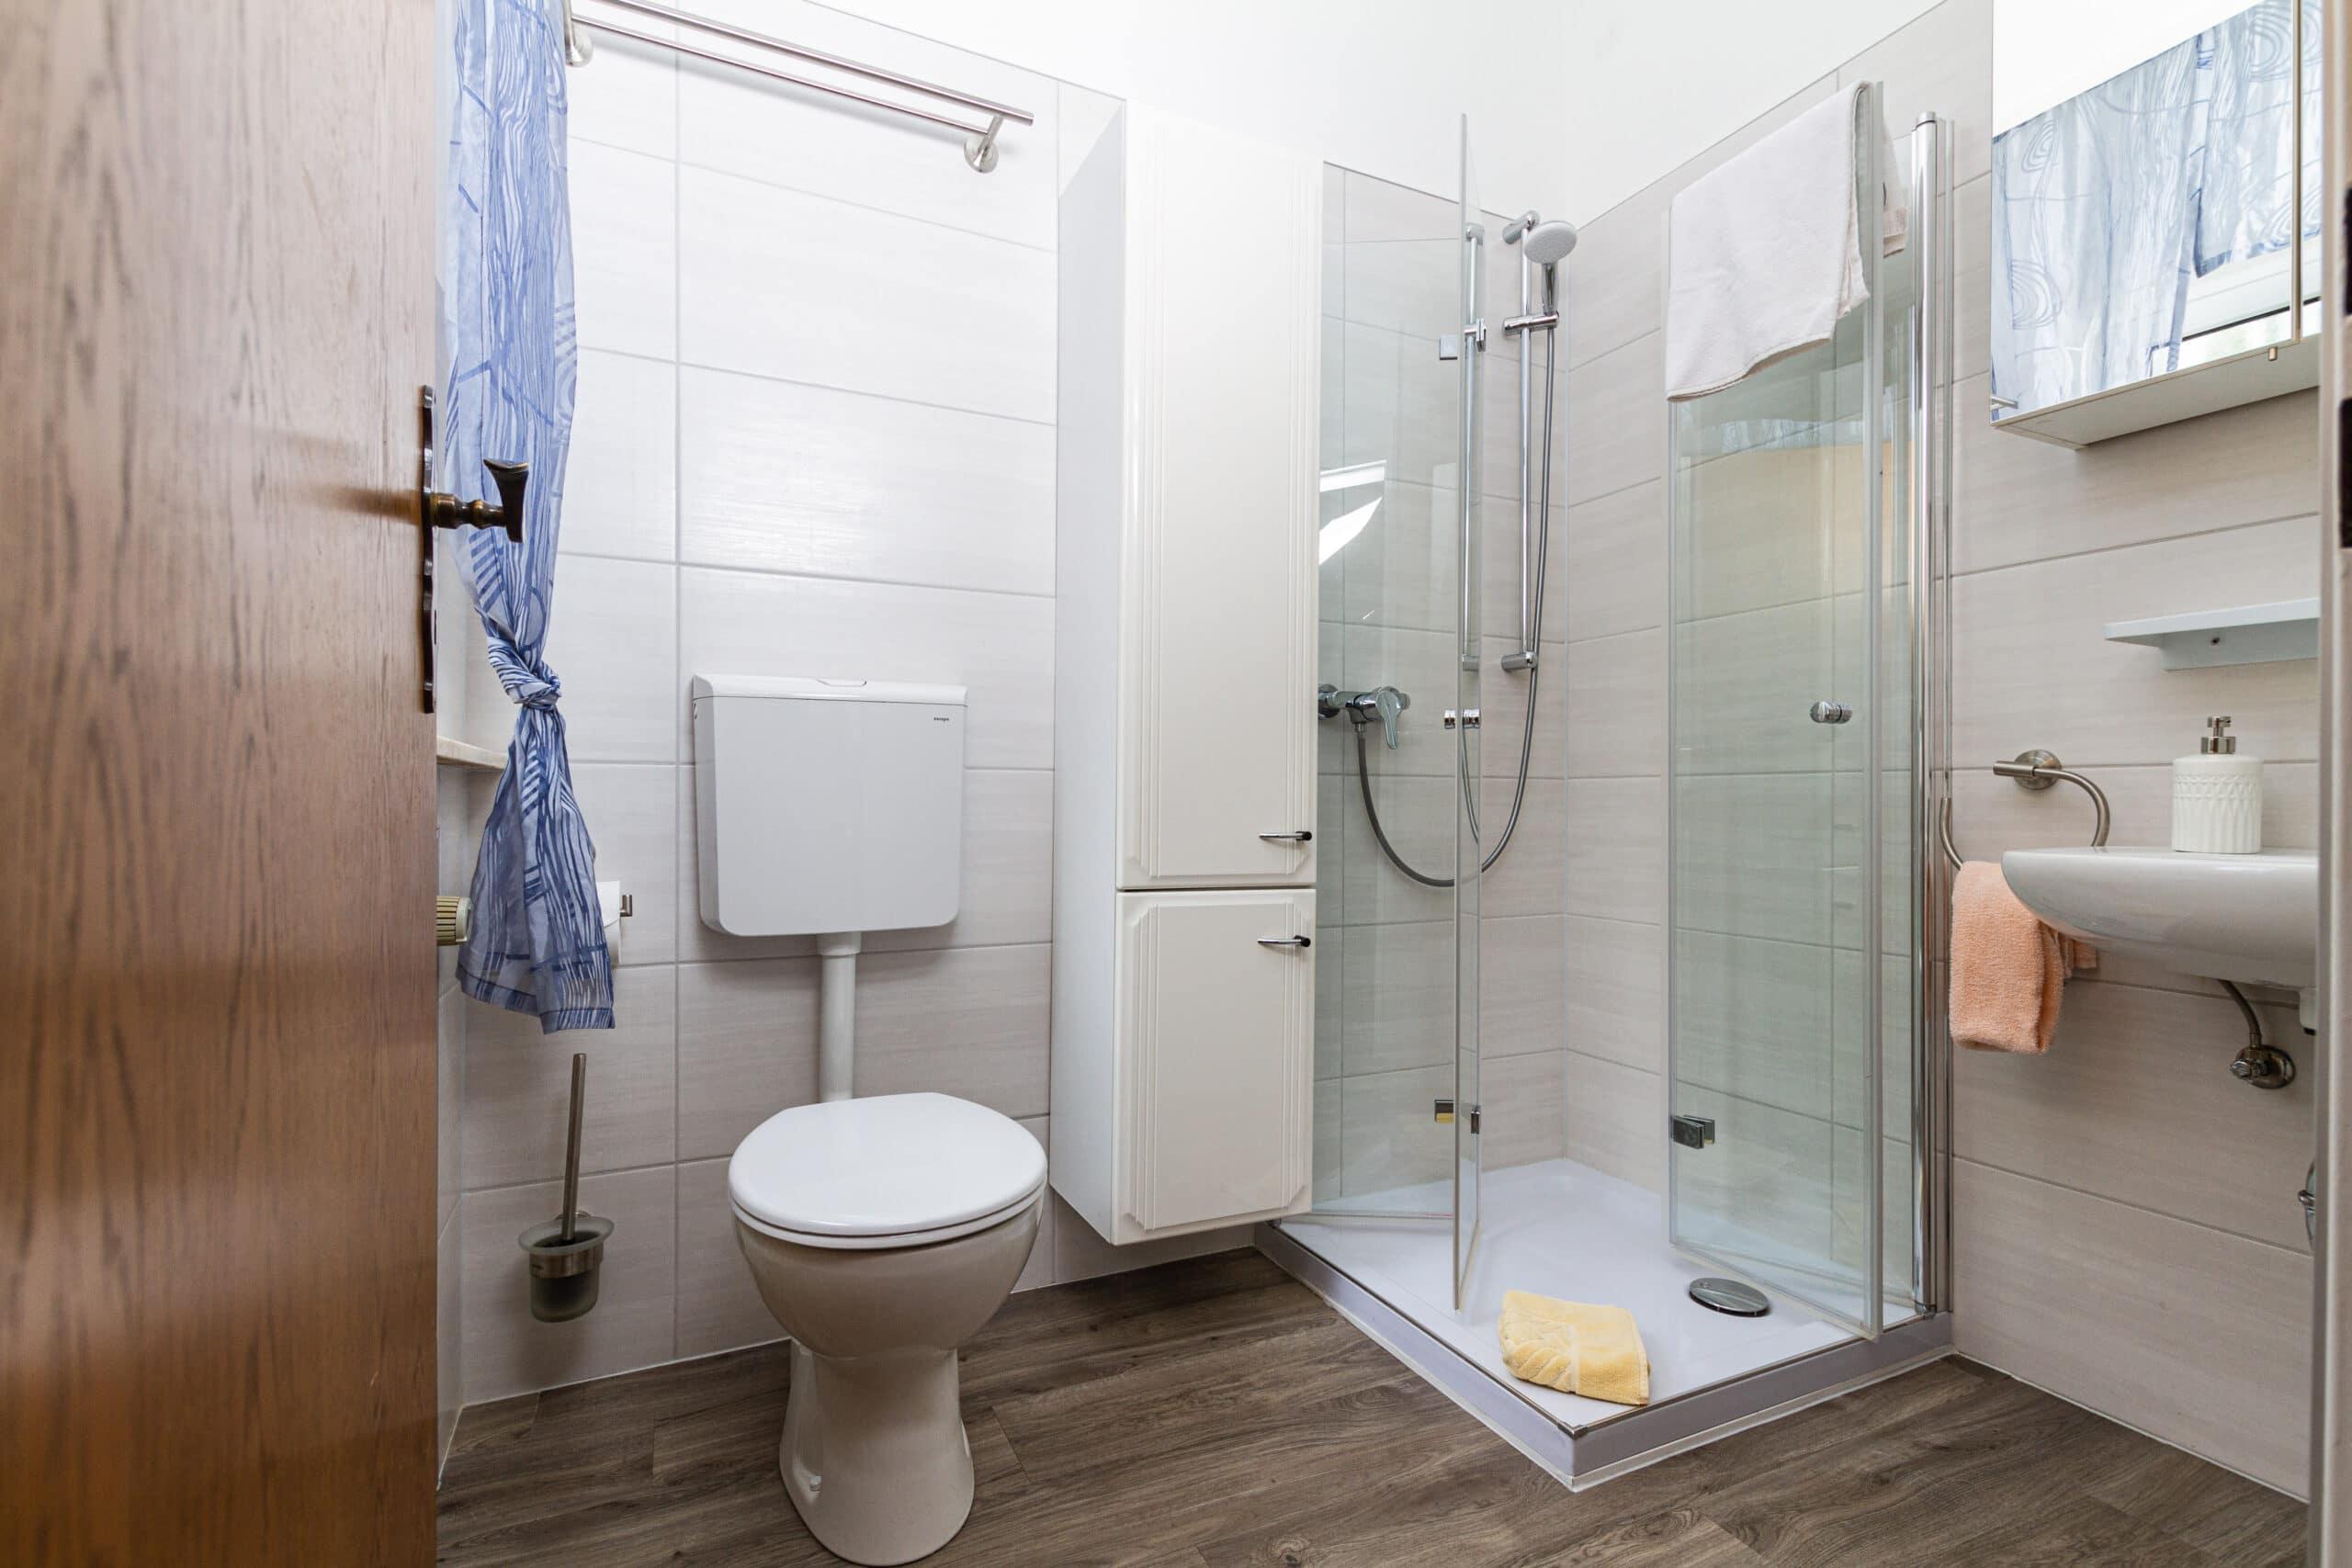 Geräumiges Badezimmer direkt auf dem Hotel-Zimmer